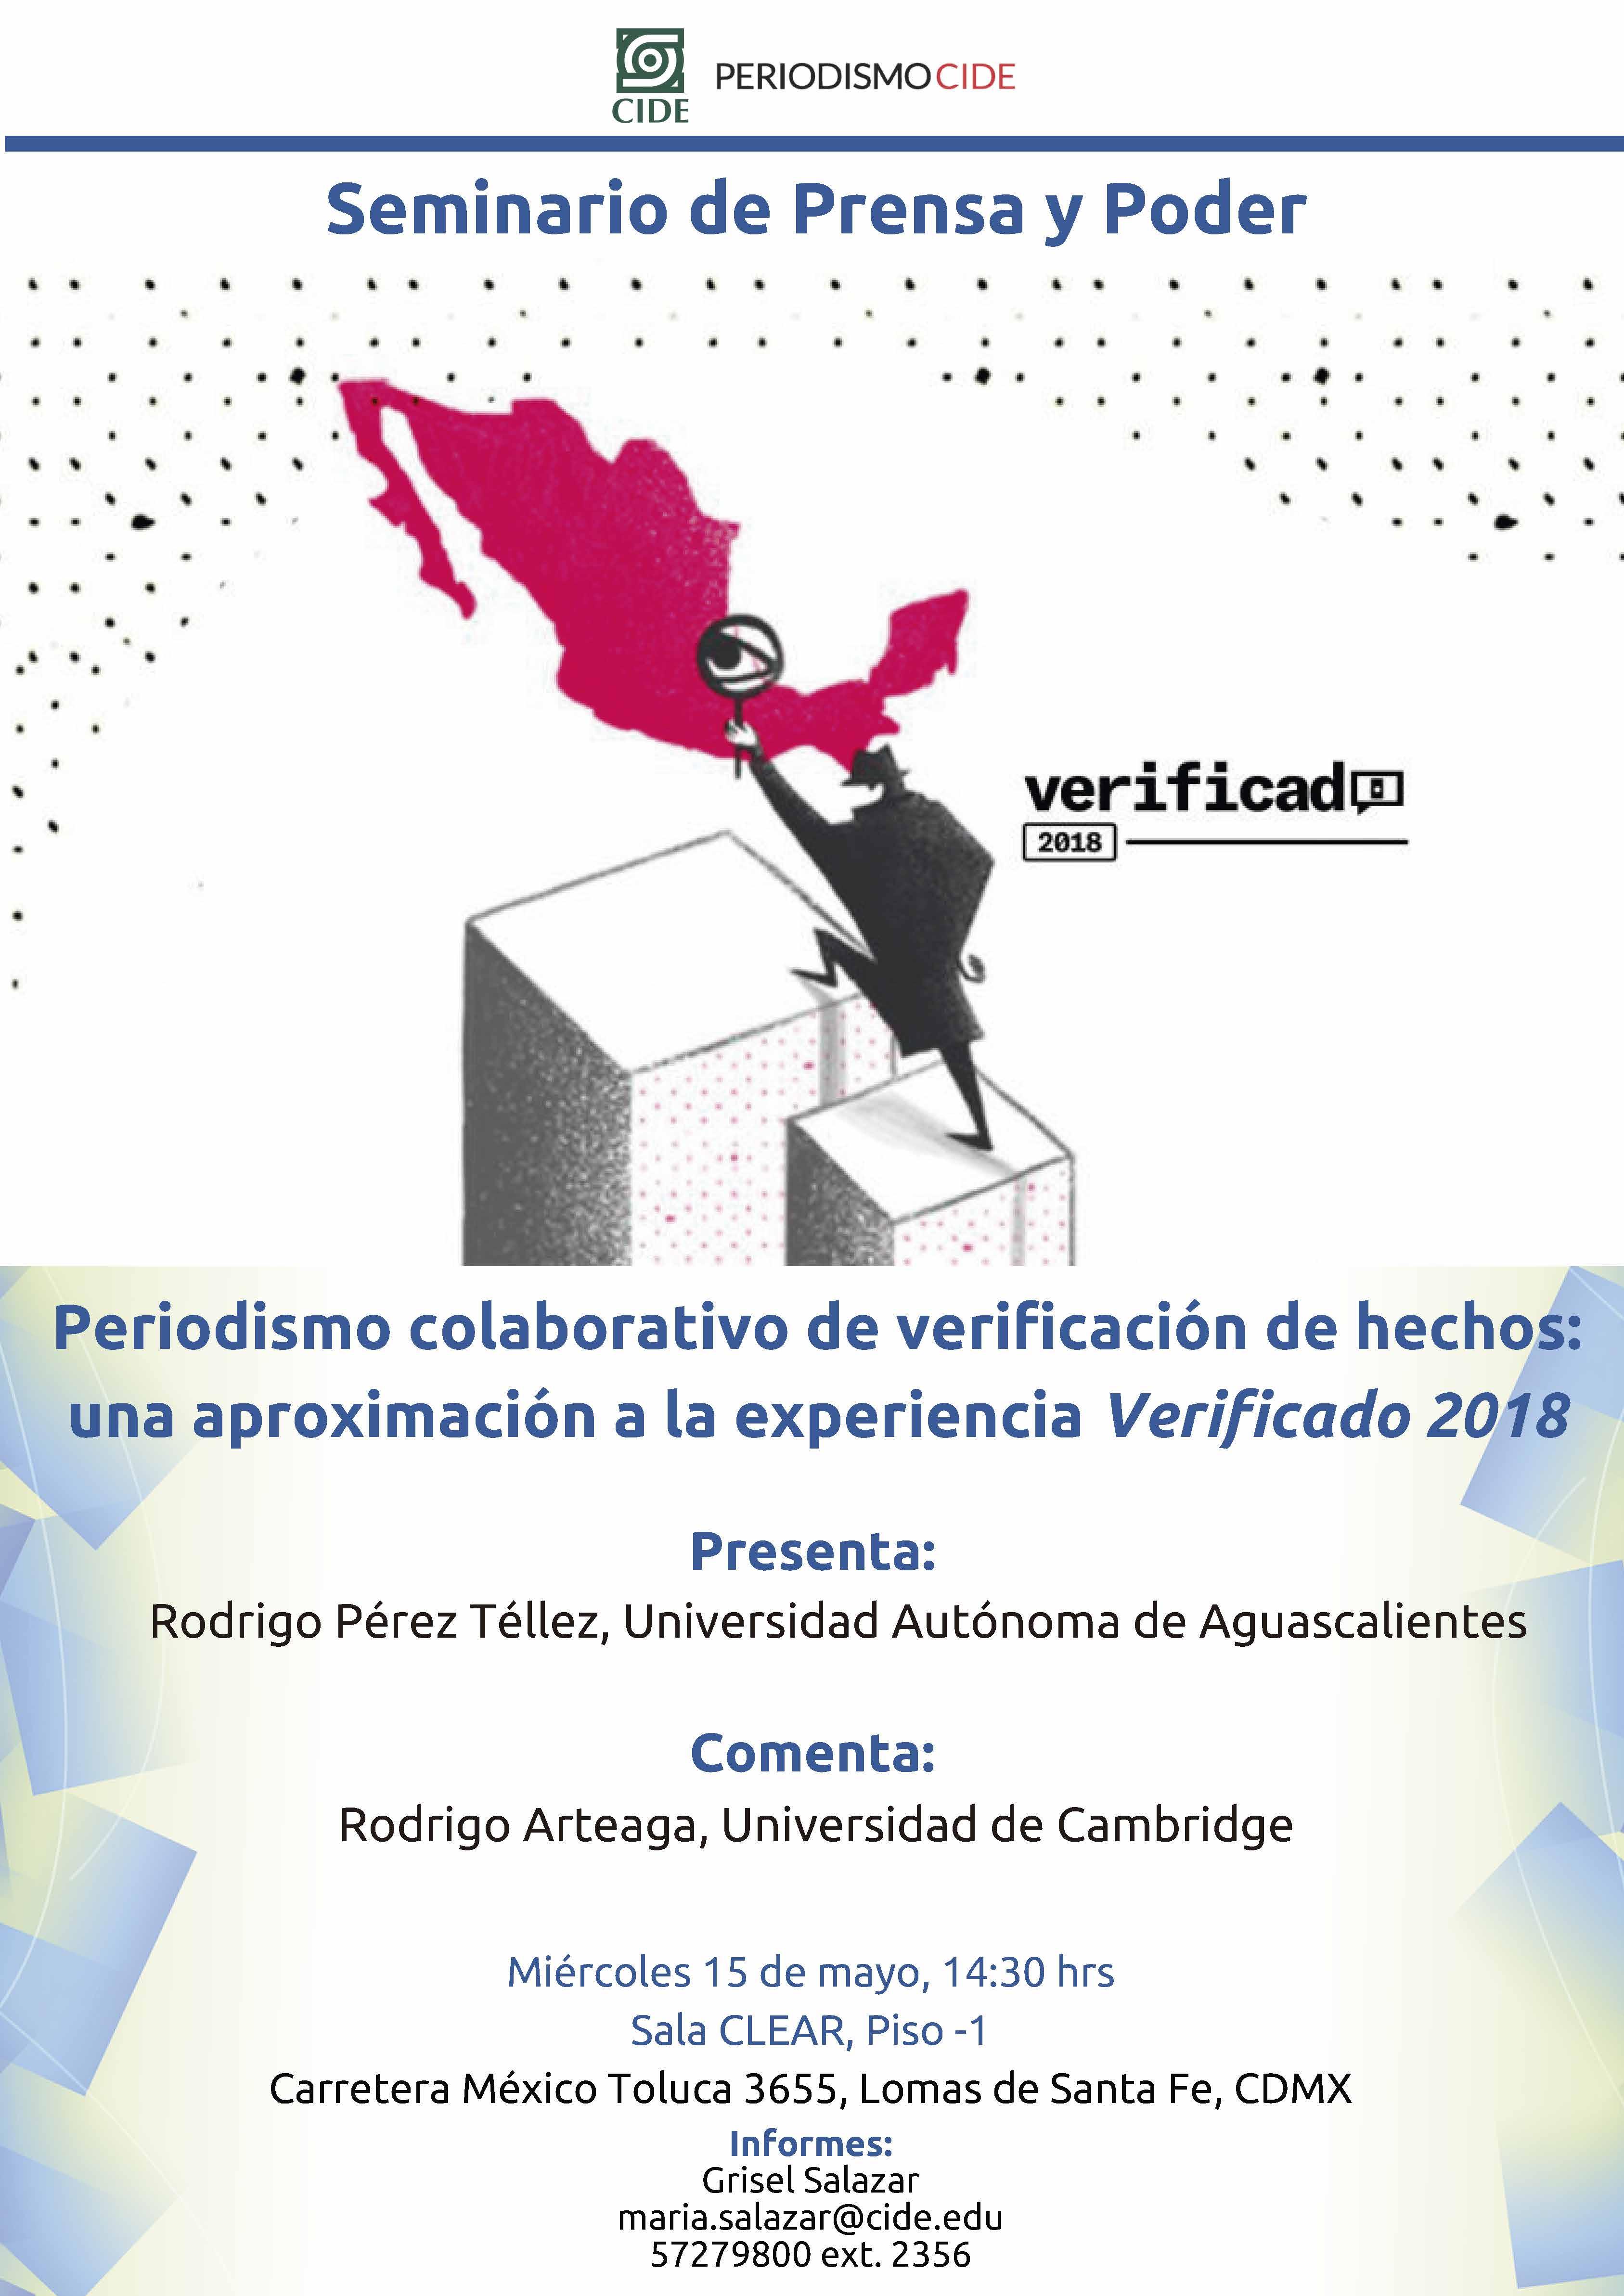 Seminario de Prensa y Poder Periodismo colaborativo de verificación de hechos: una aproximación a la experiencia Verificado 2018